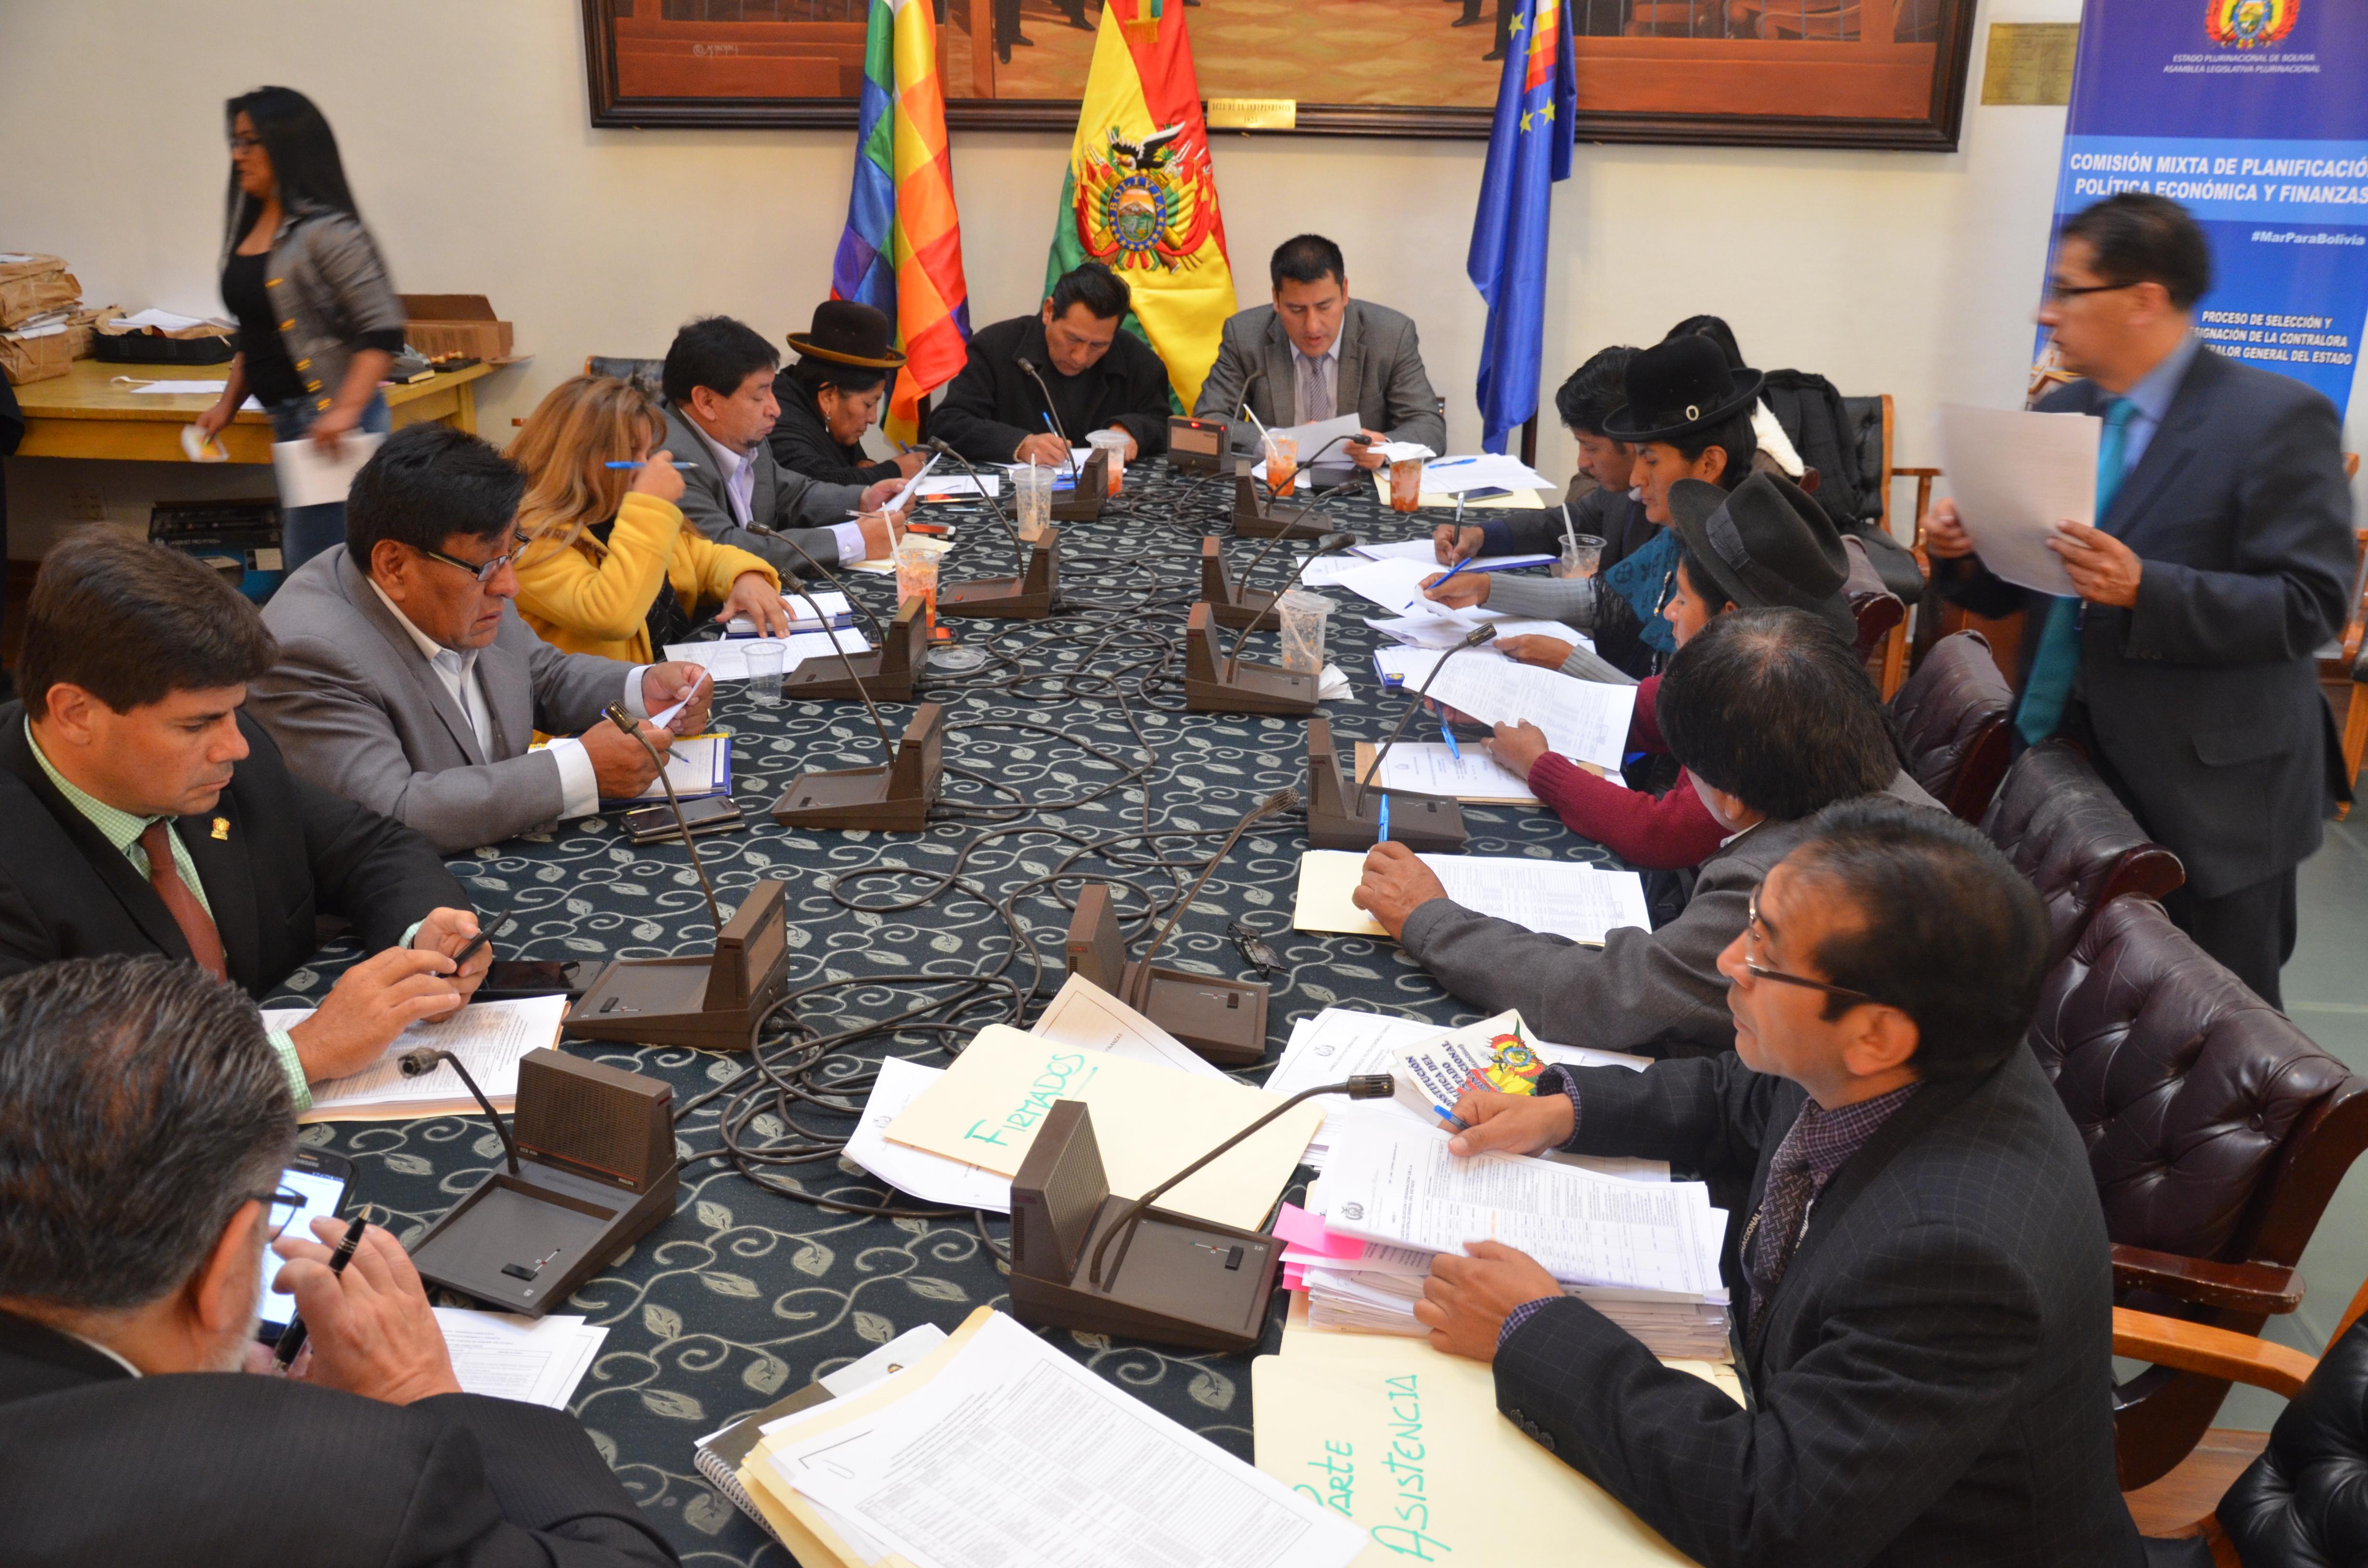 Comisión Mixta de Planificación declara nueva pausa en la revisión de requisitos habilitantes a Contralor